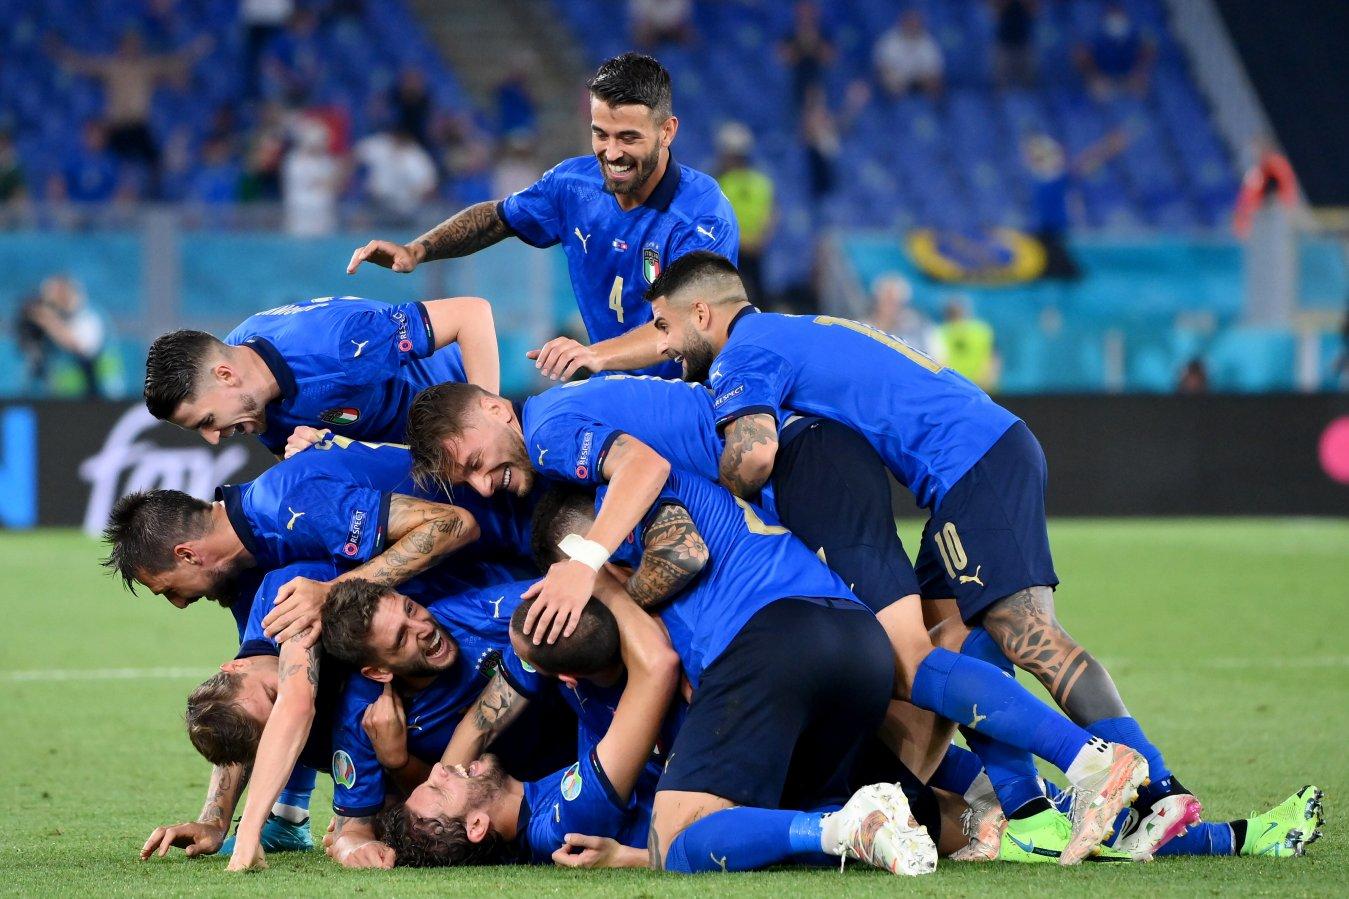 Euro 2020, divertiamoci! Italia - Galles (diretta ore 18 Rai 1 e Sky Sport)